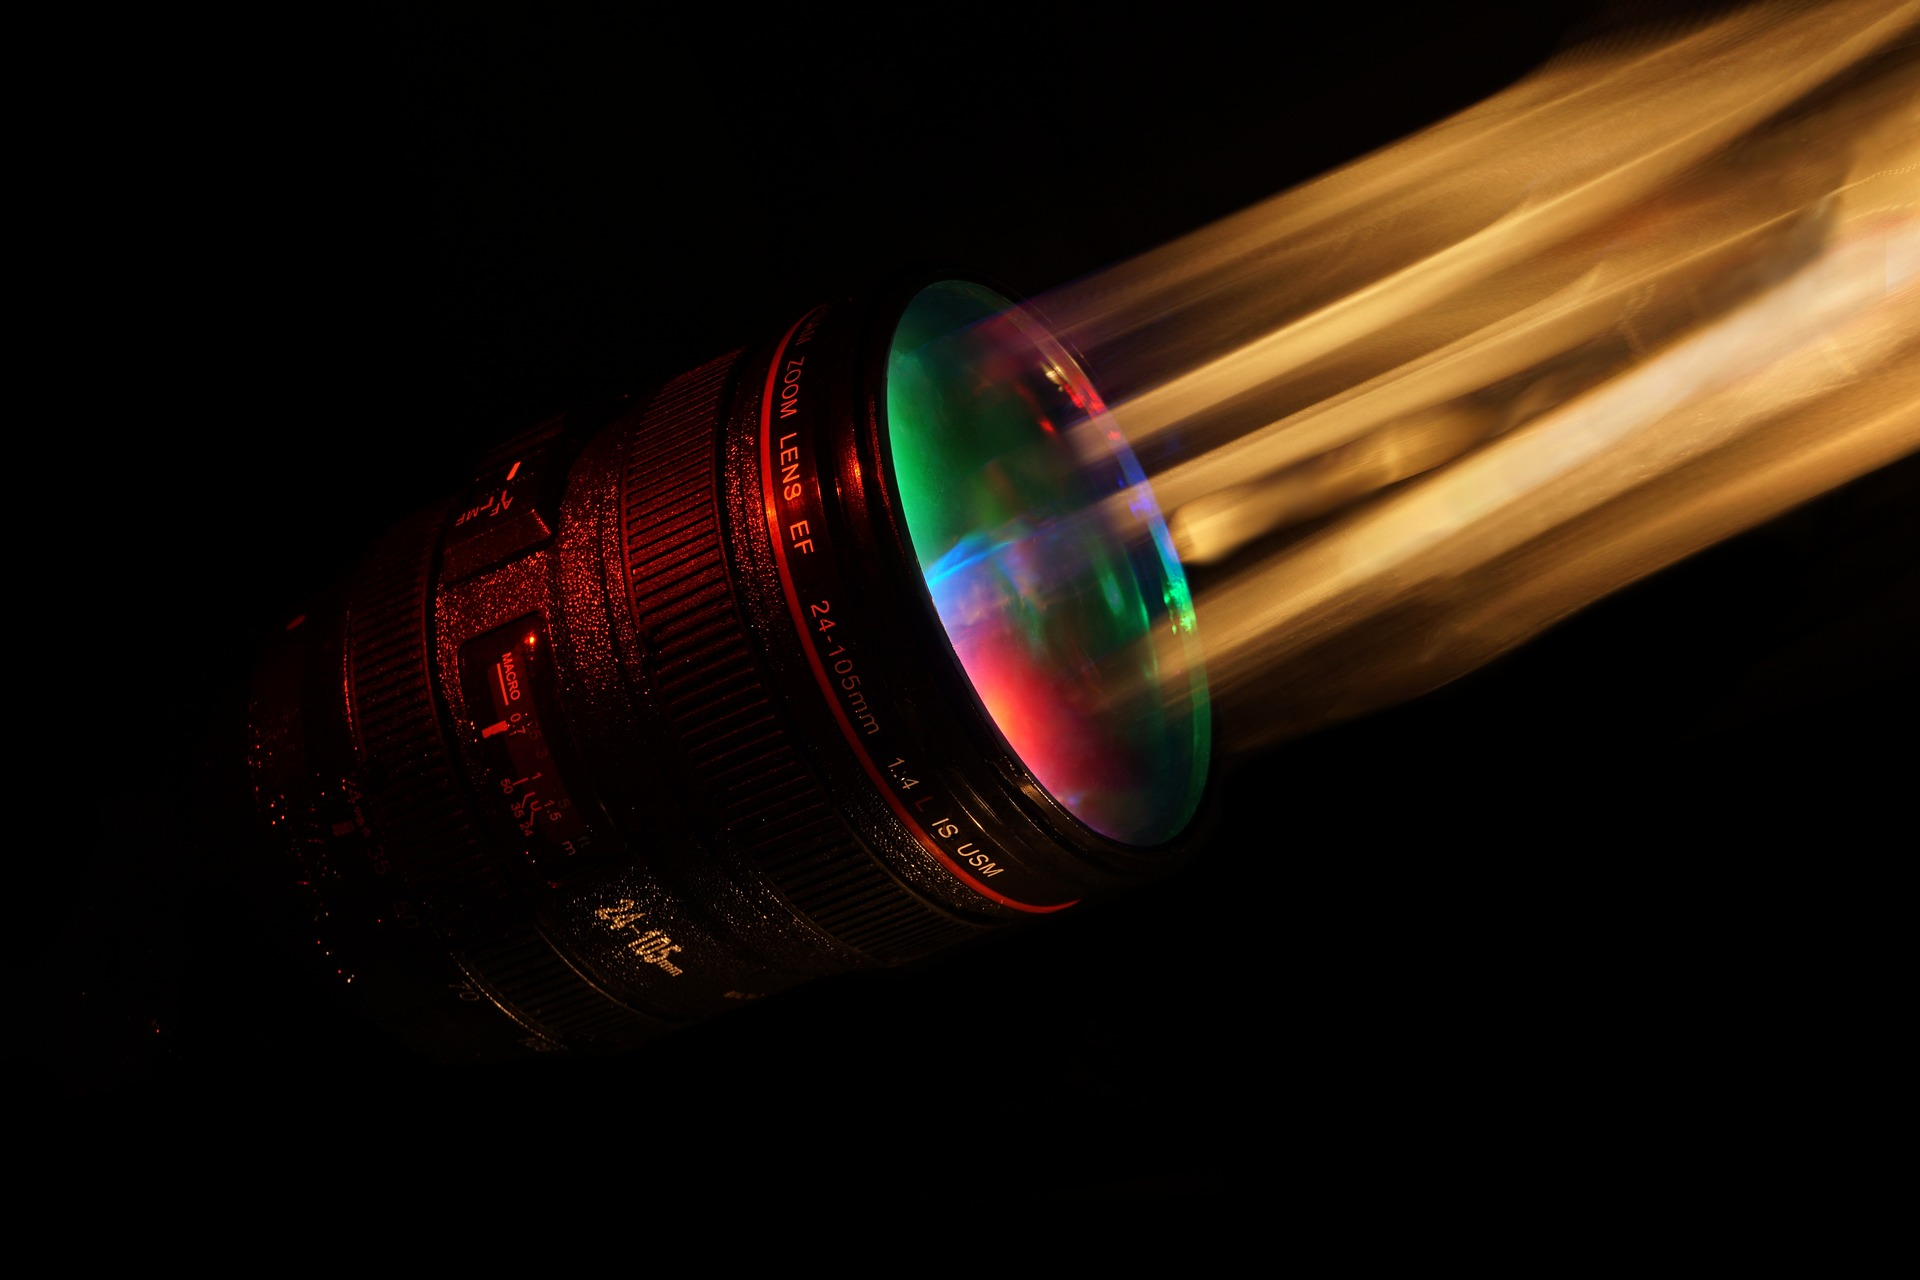 lentila-care-focalizeaza-toate-culorile-intr-un-singur-punct